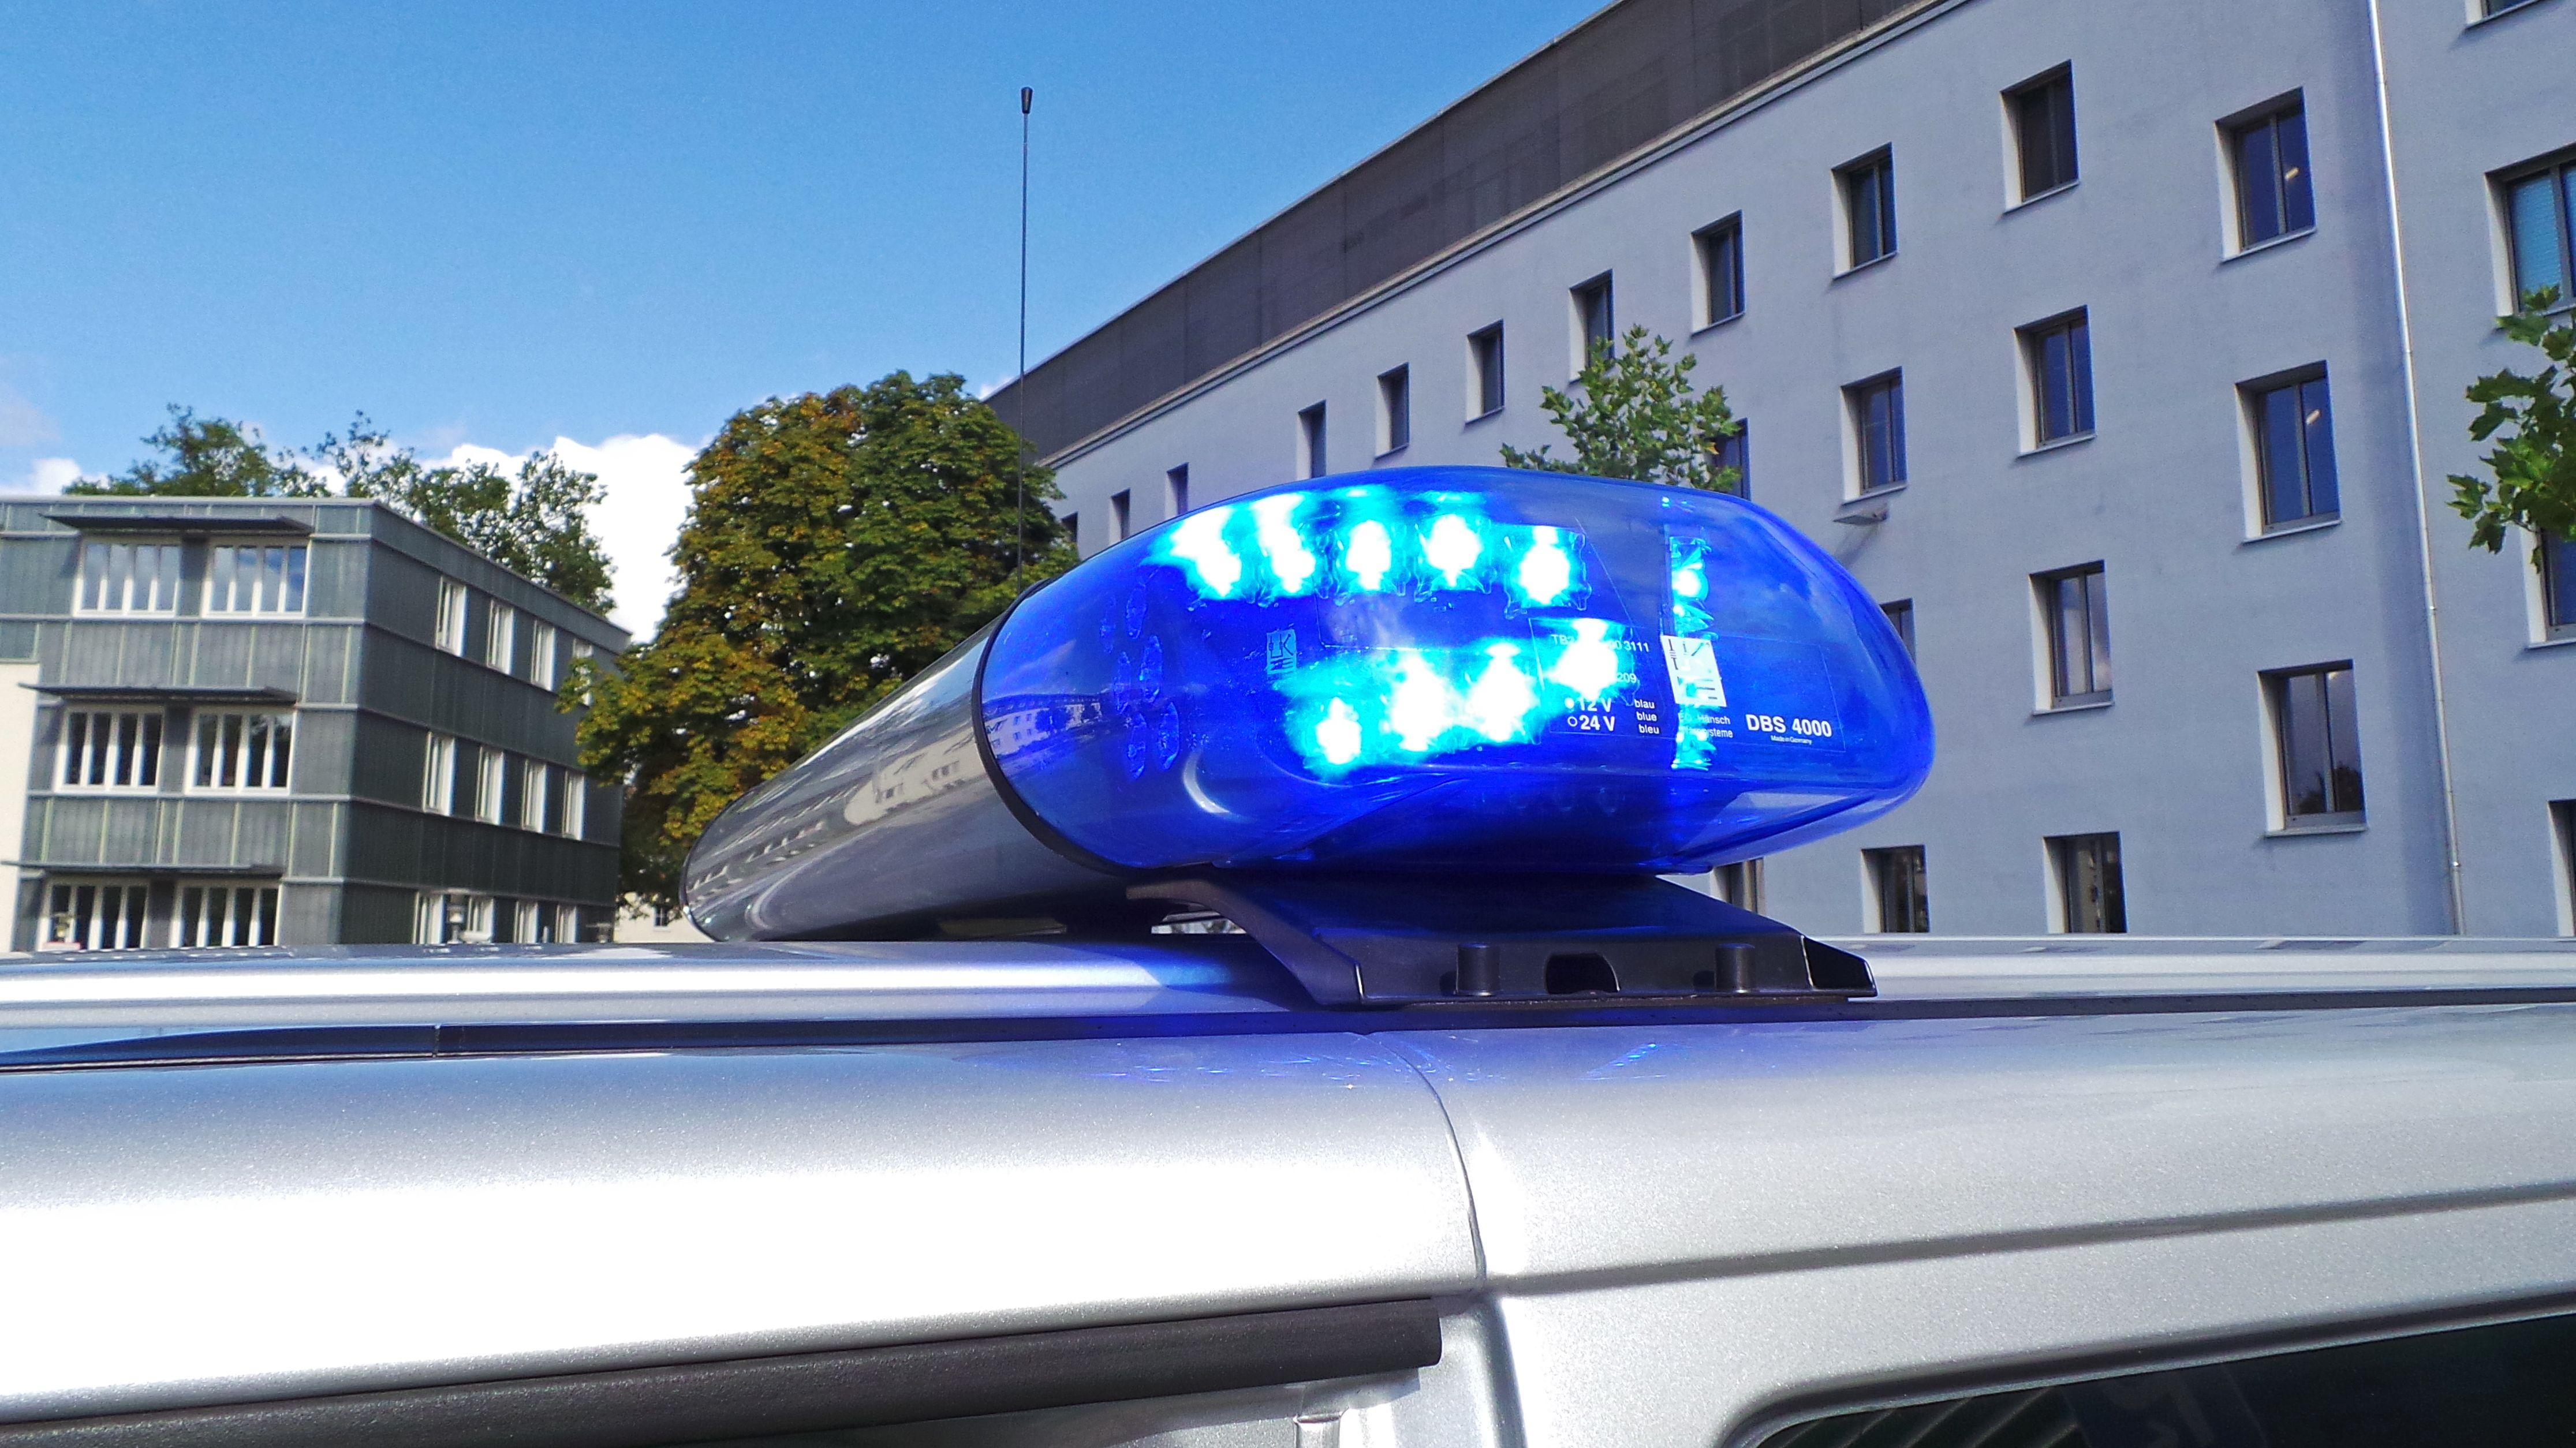 Polizei sucht nach dem flüchtigen Autofahrer